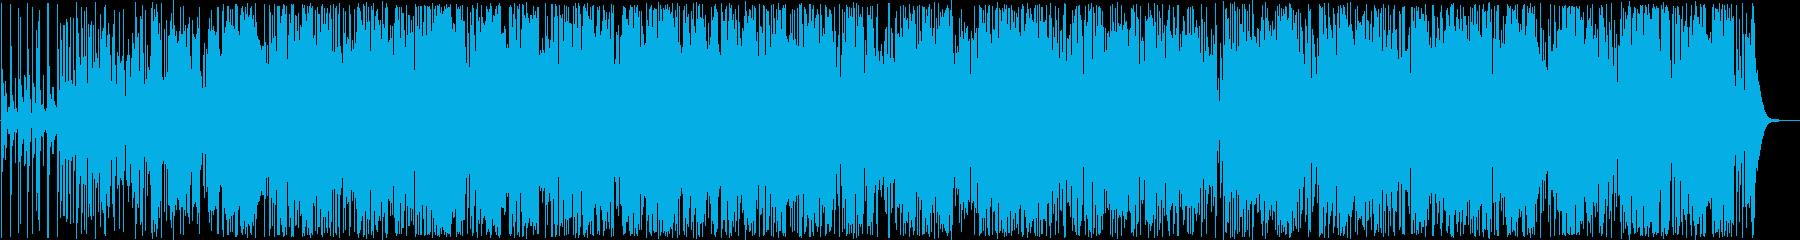 明るくゆったりトランペットシンセサウンドの再生済みの波形